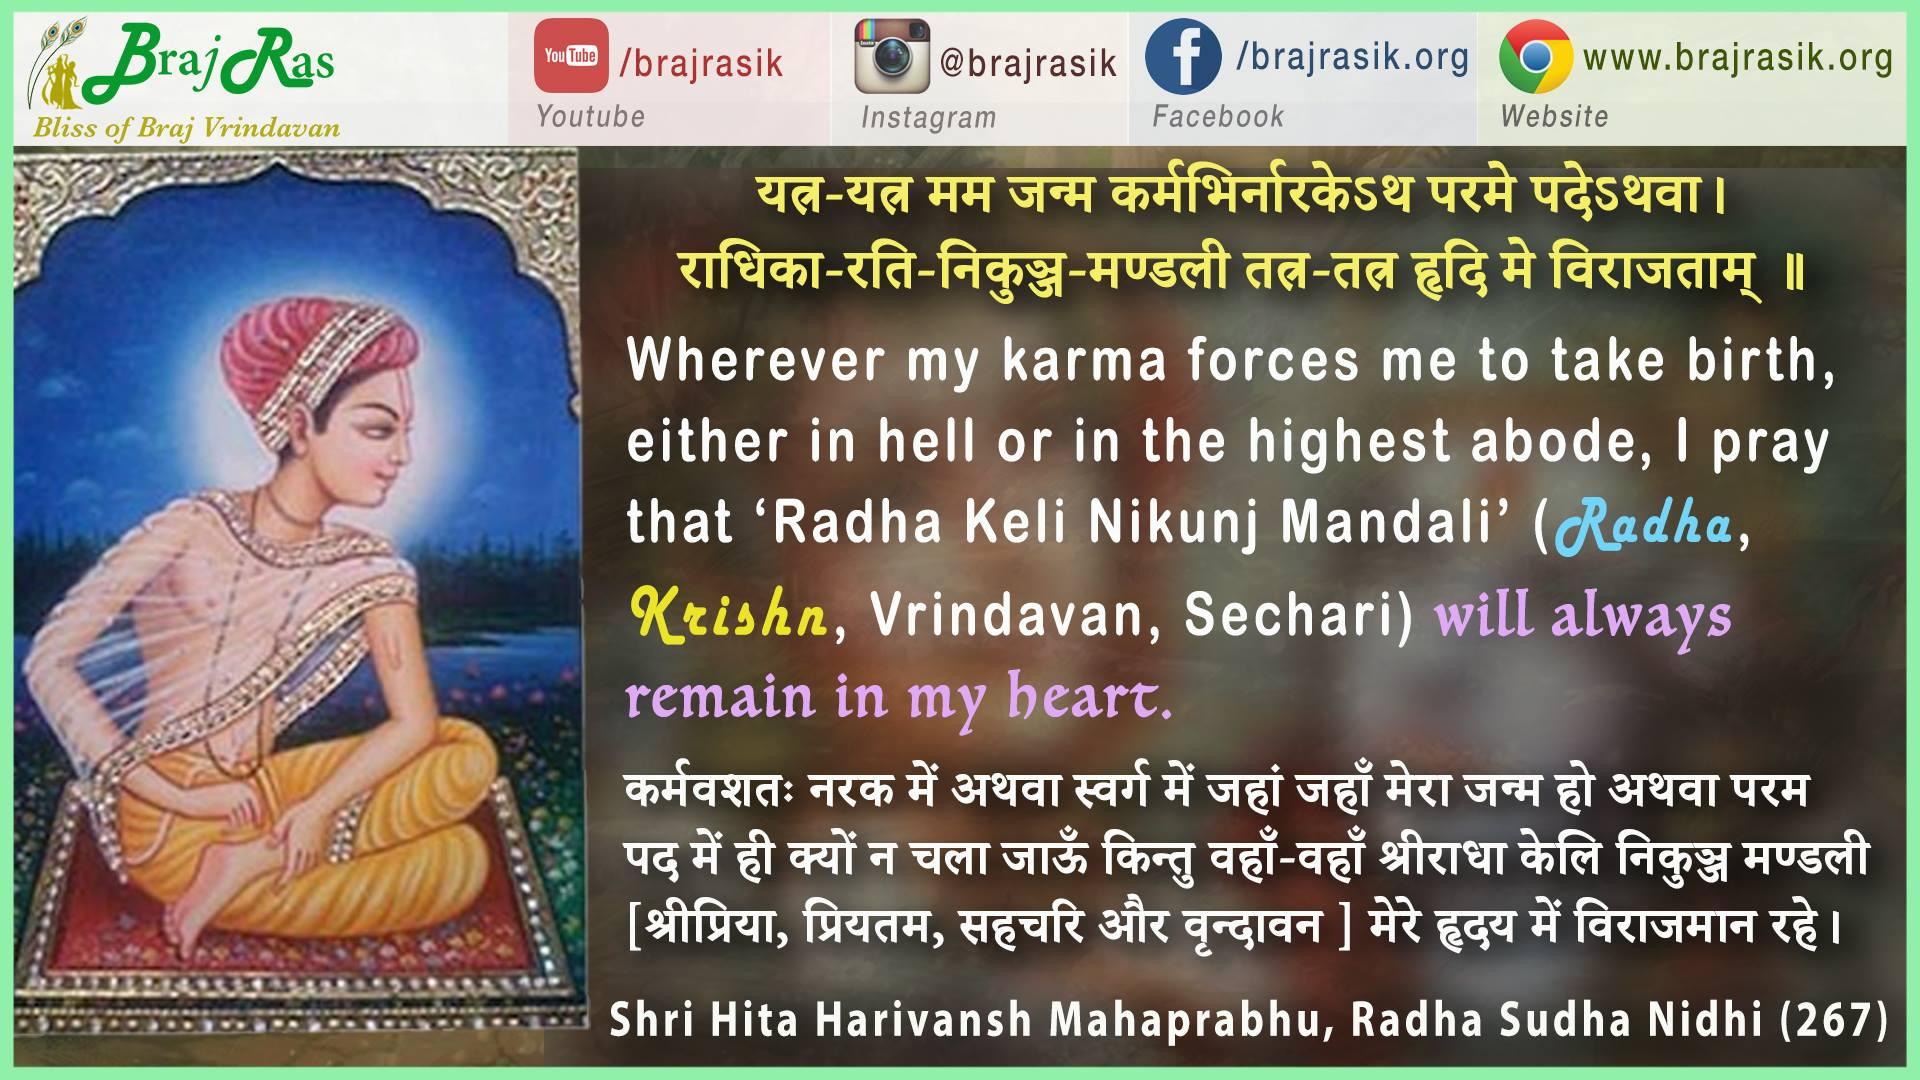 Yatra Yatra Mam Janm Karmbhir - Shri Radha Sudha Nidhi (267)